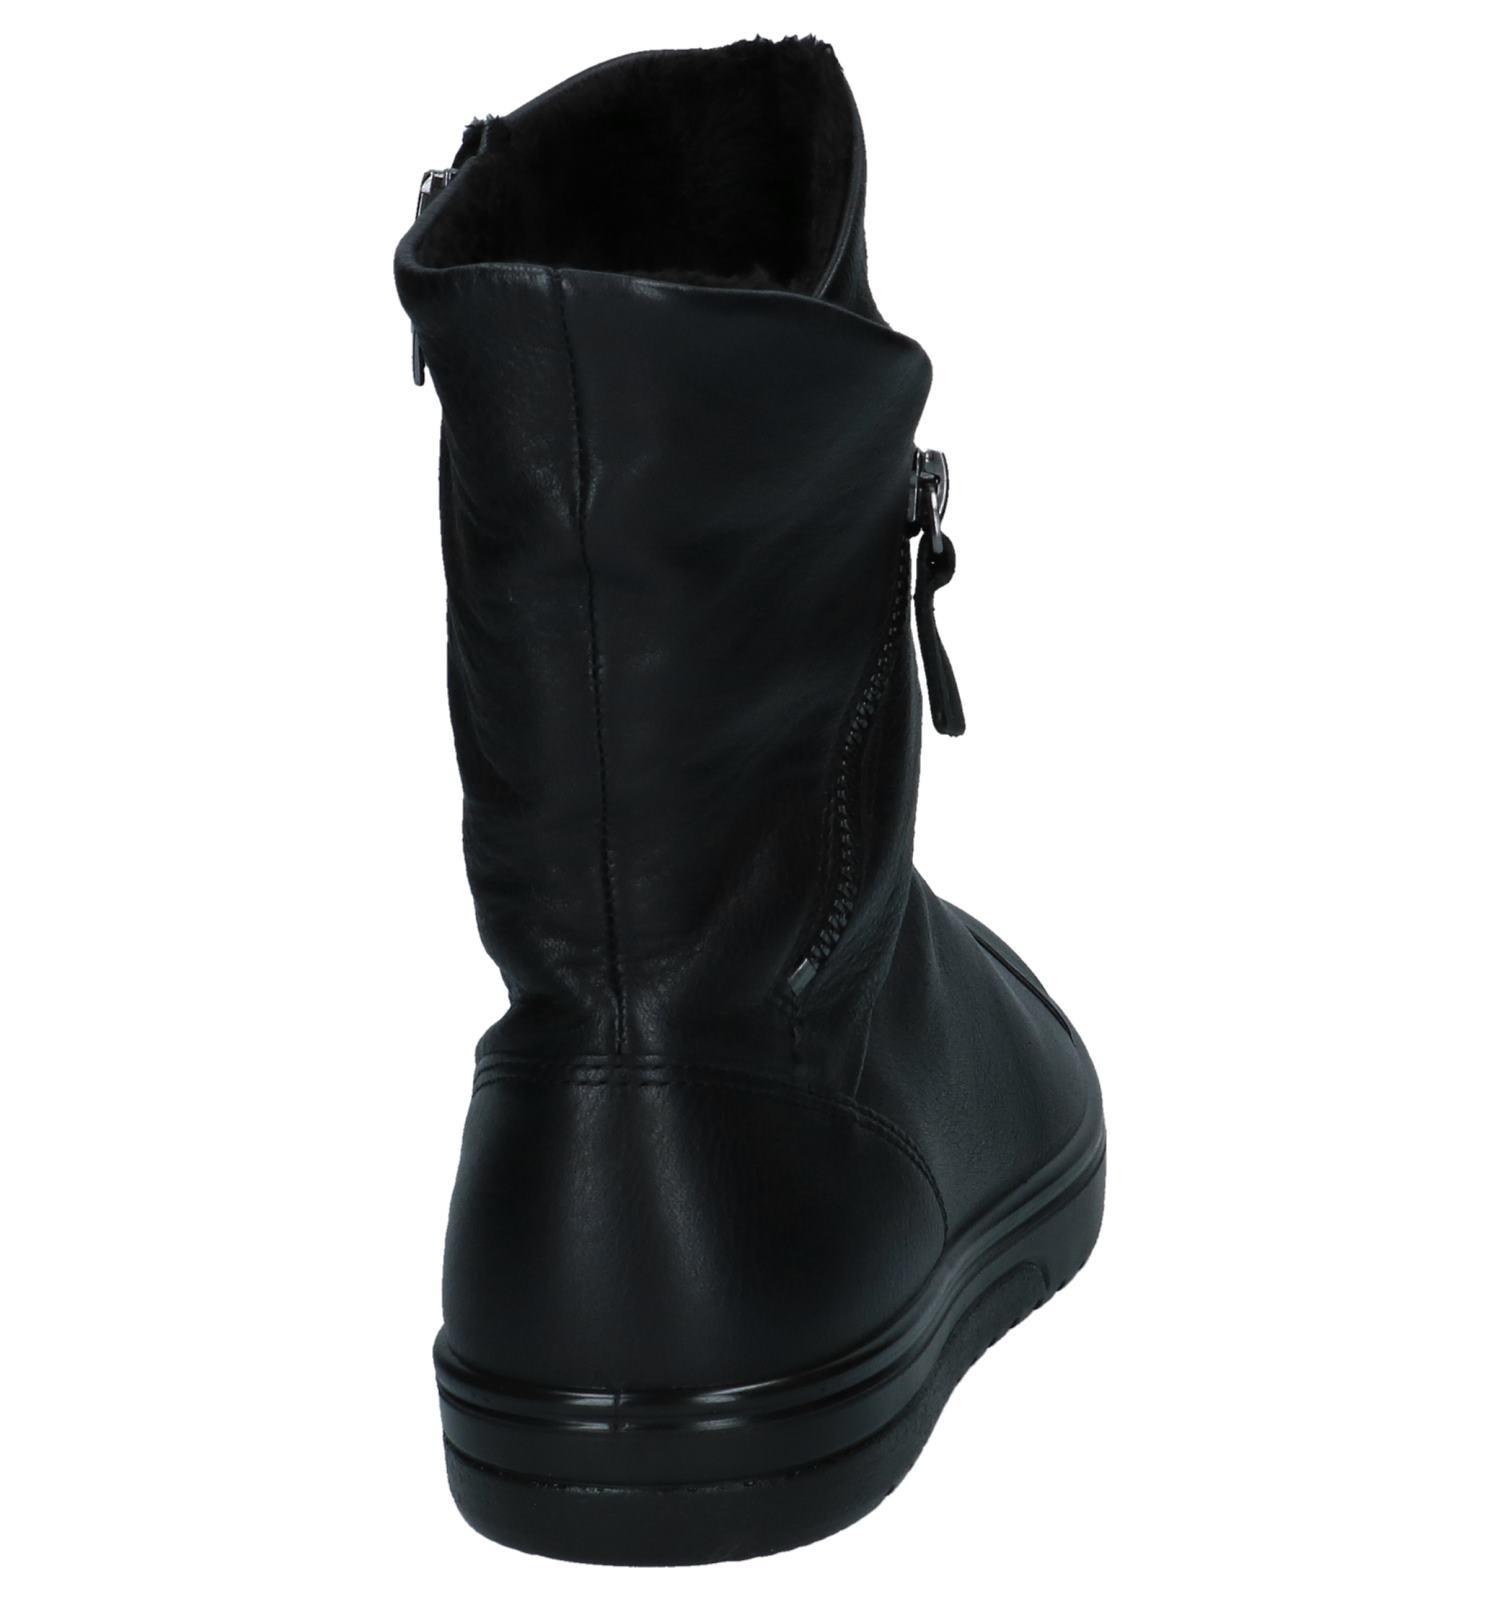 d1ef7c6b318 Zwarte Korte Laarzen ECCO Fara | TORFS.BE | Gratis verzend en retour